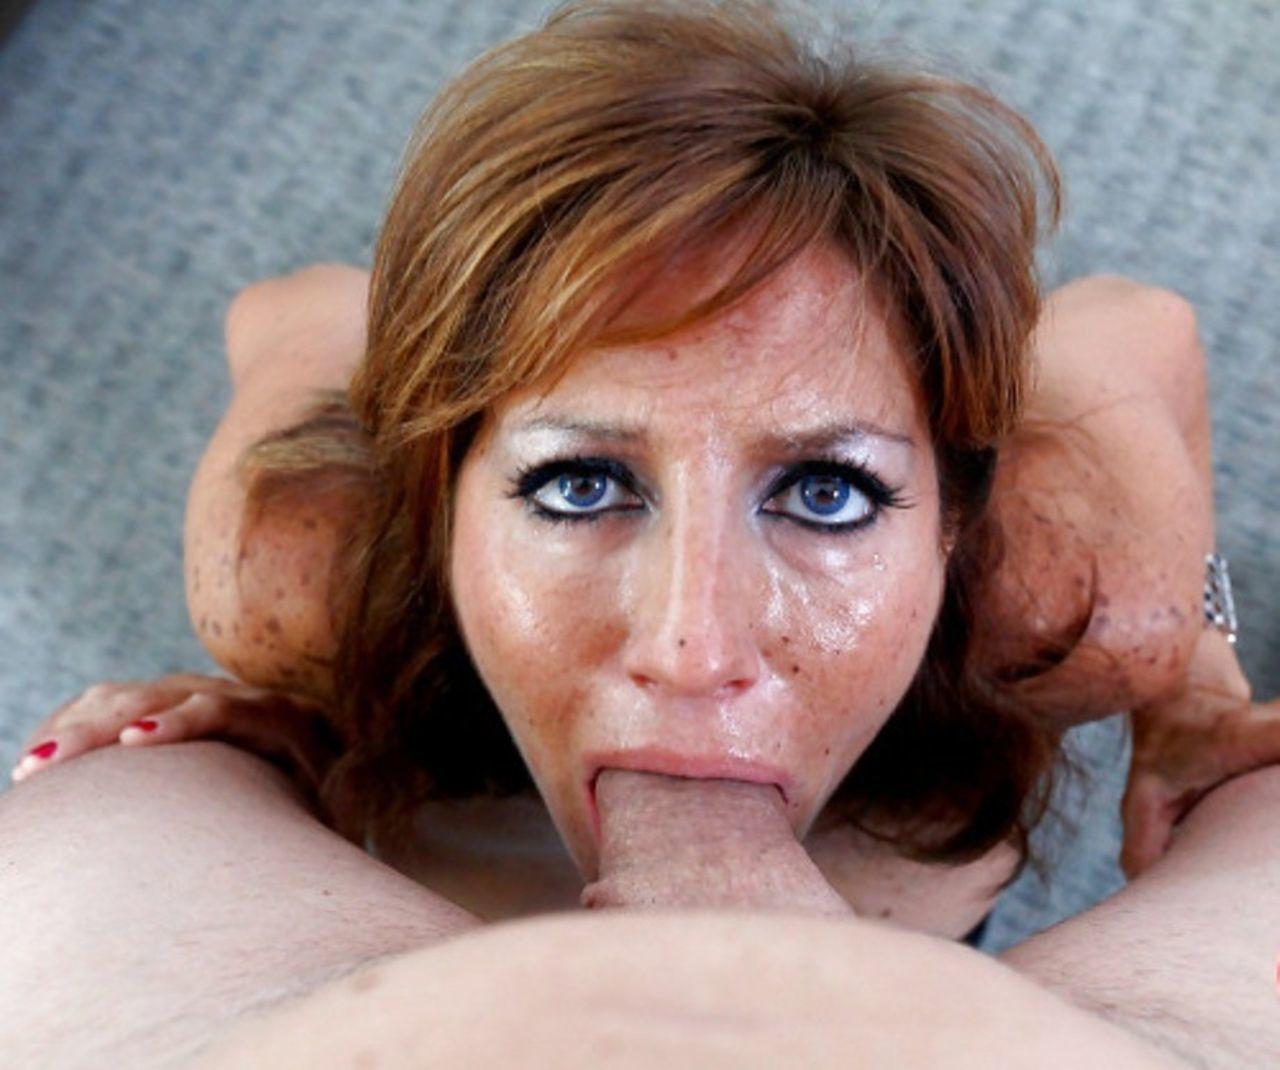 Взрослая дама глотает сперму фото